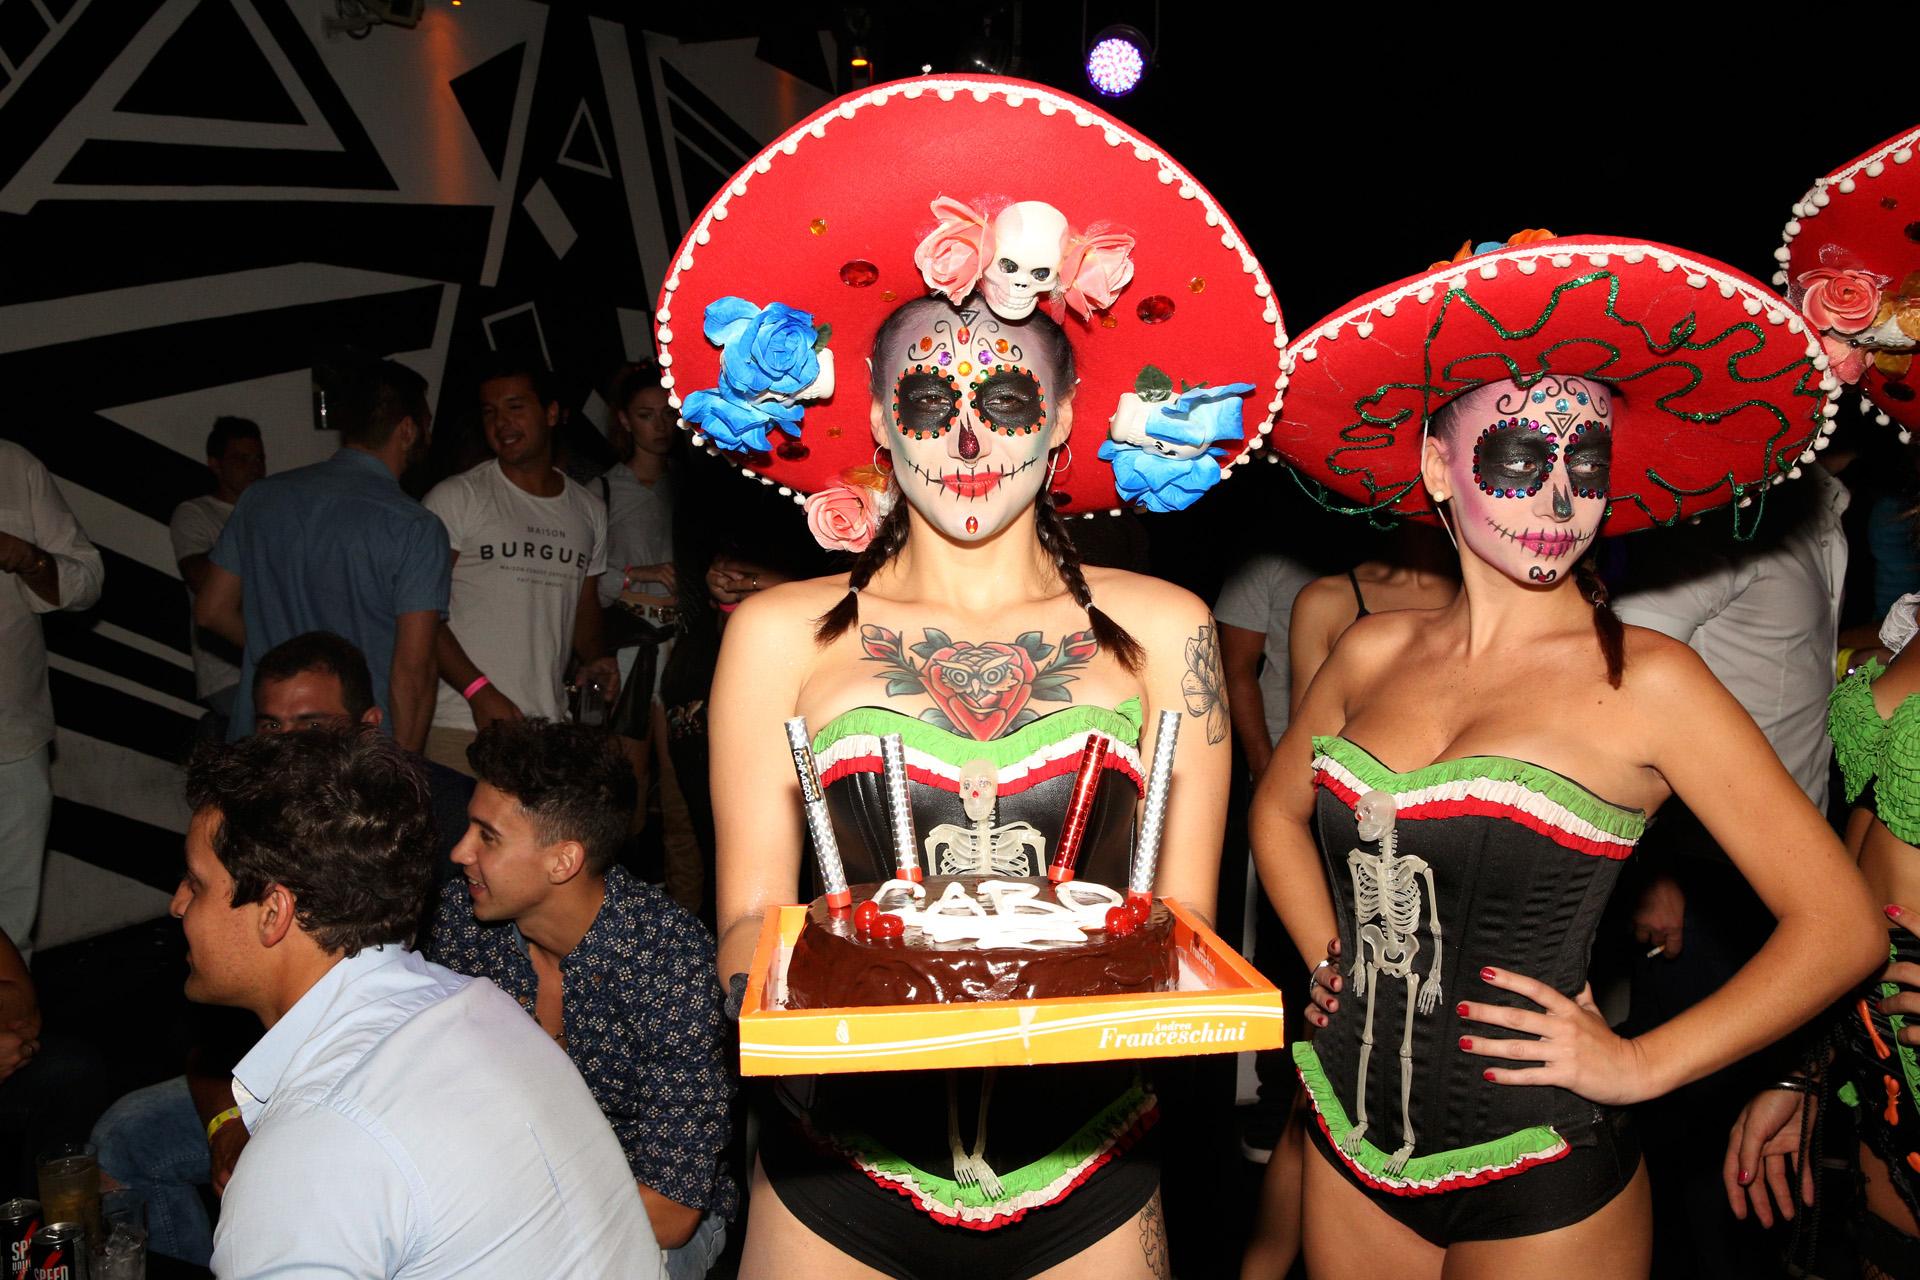 El cumpleaños tuvo decoración al estilo mexicano